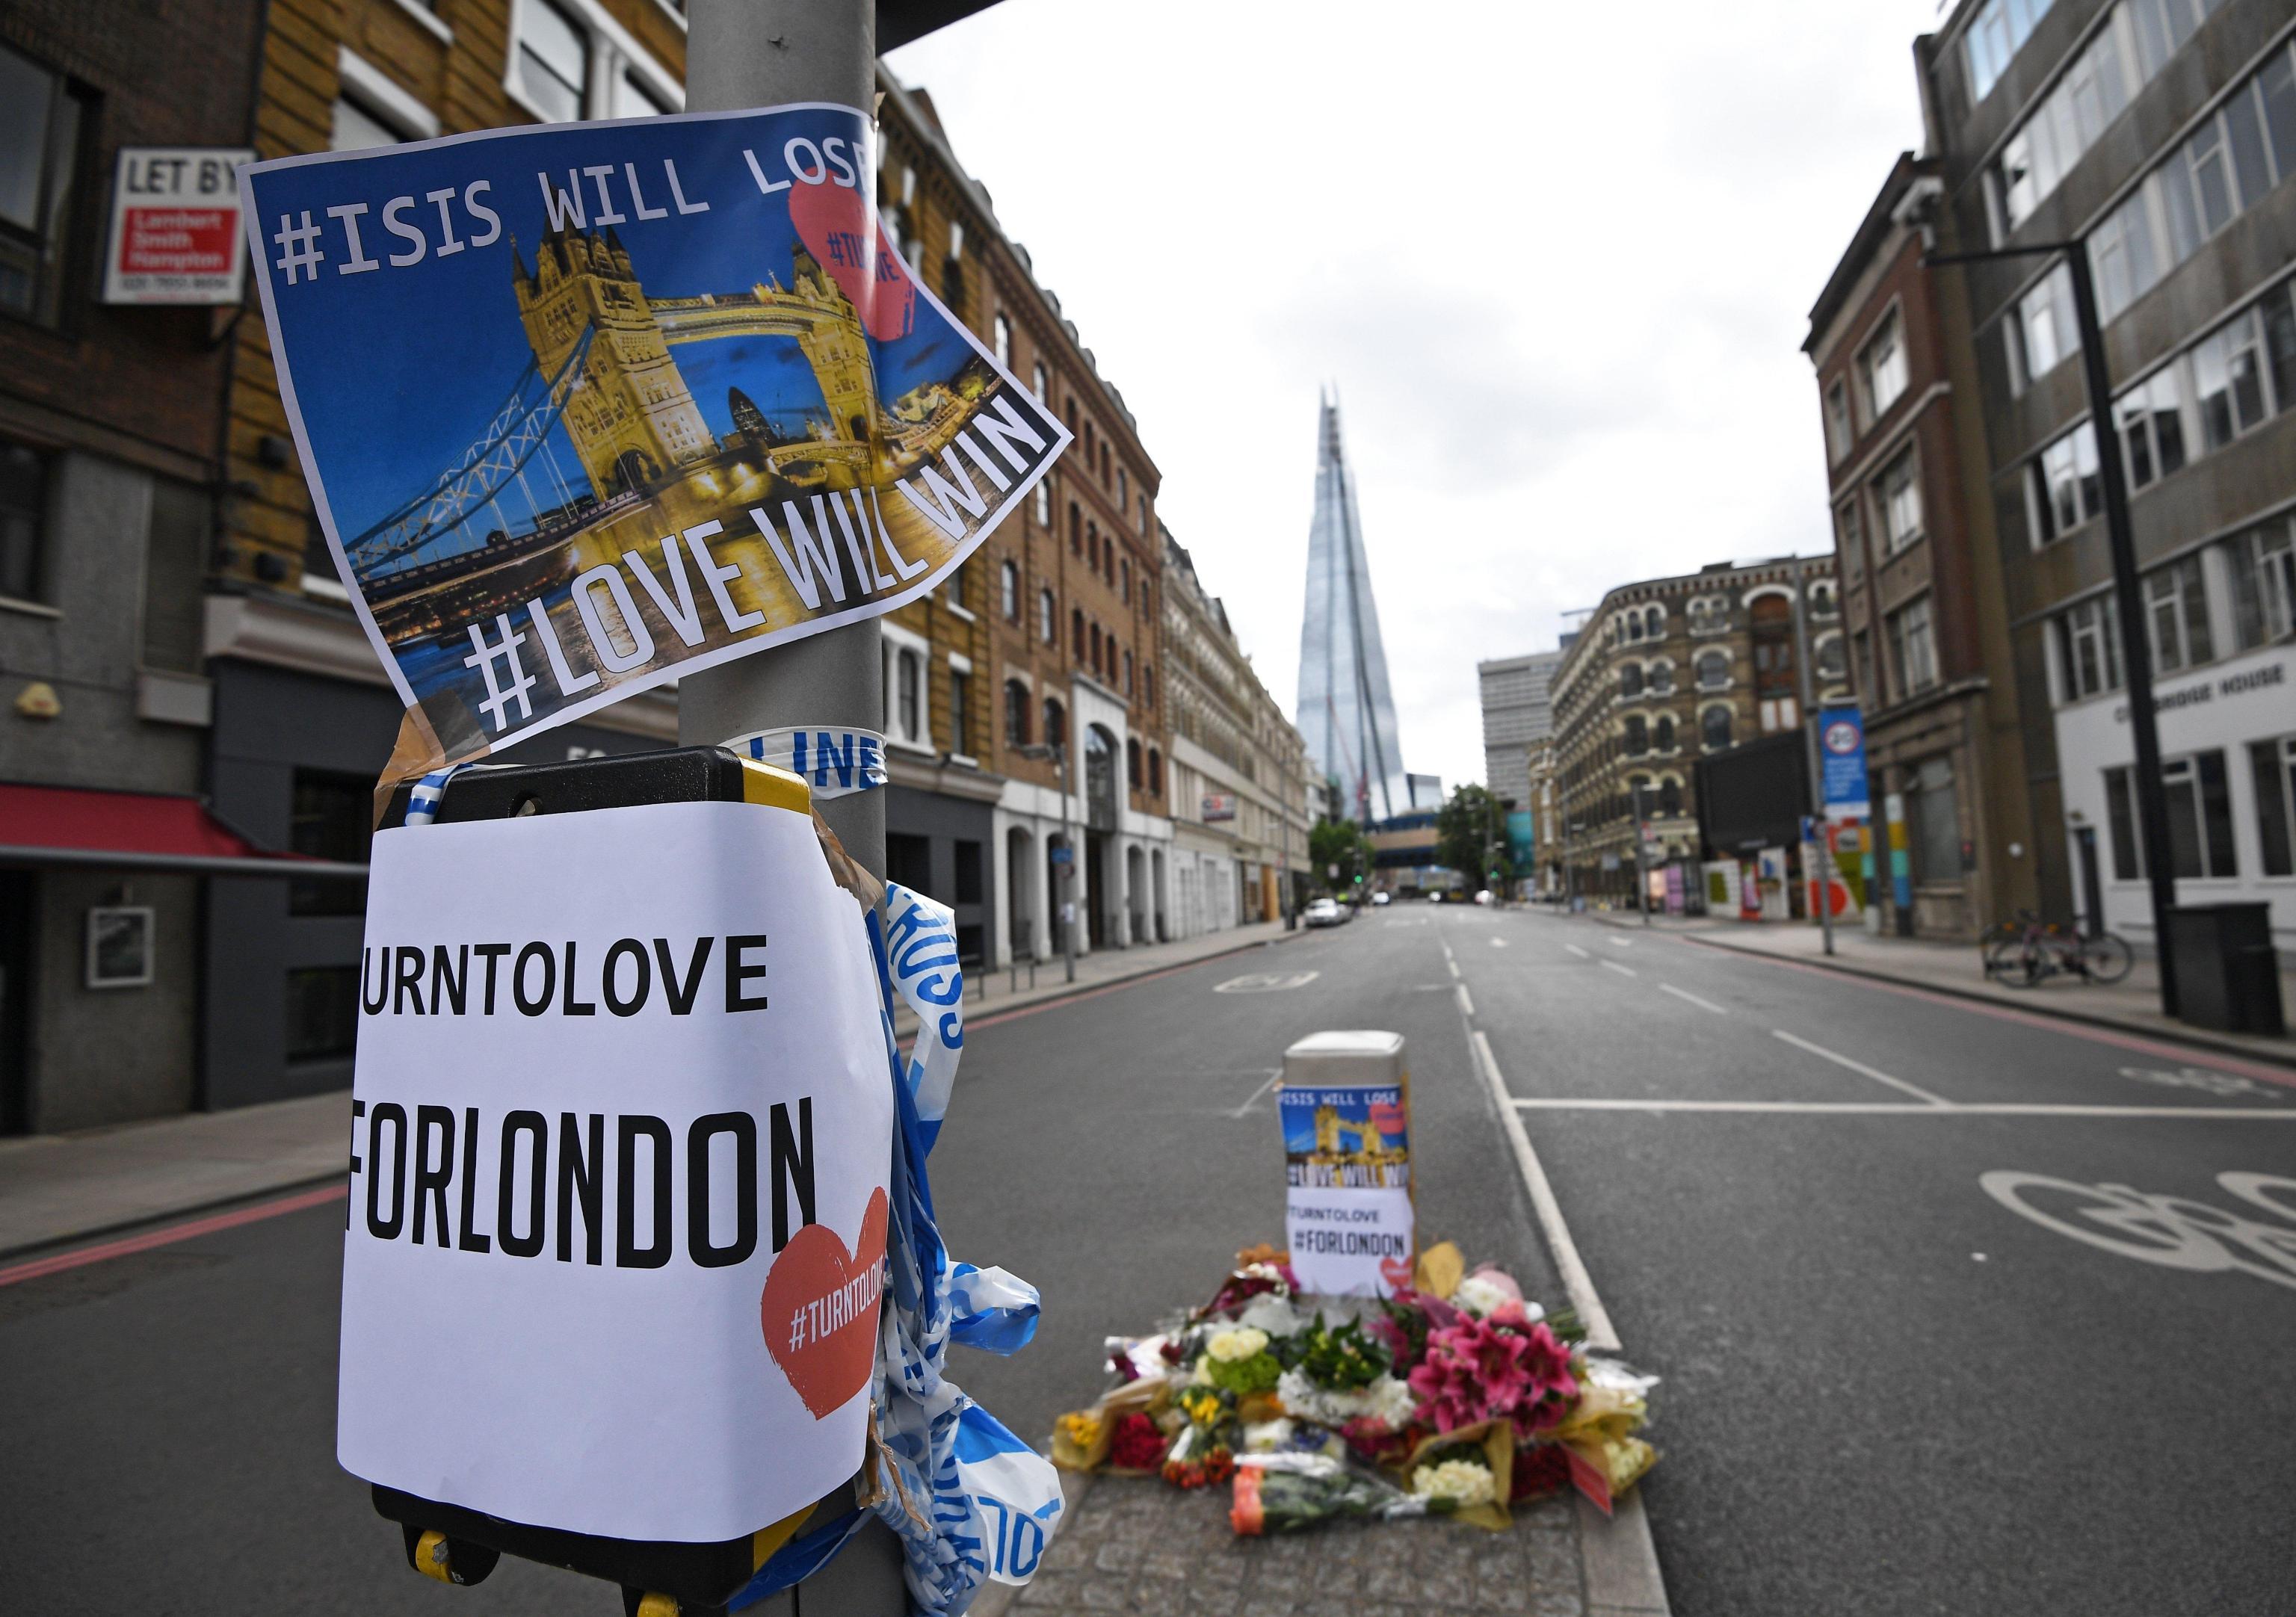 Londra, Torino e il terrorismo: così gli inglesi sono migliori di noi